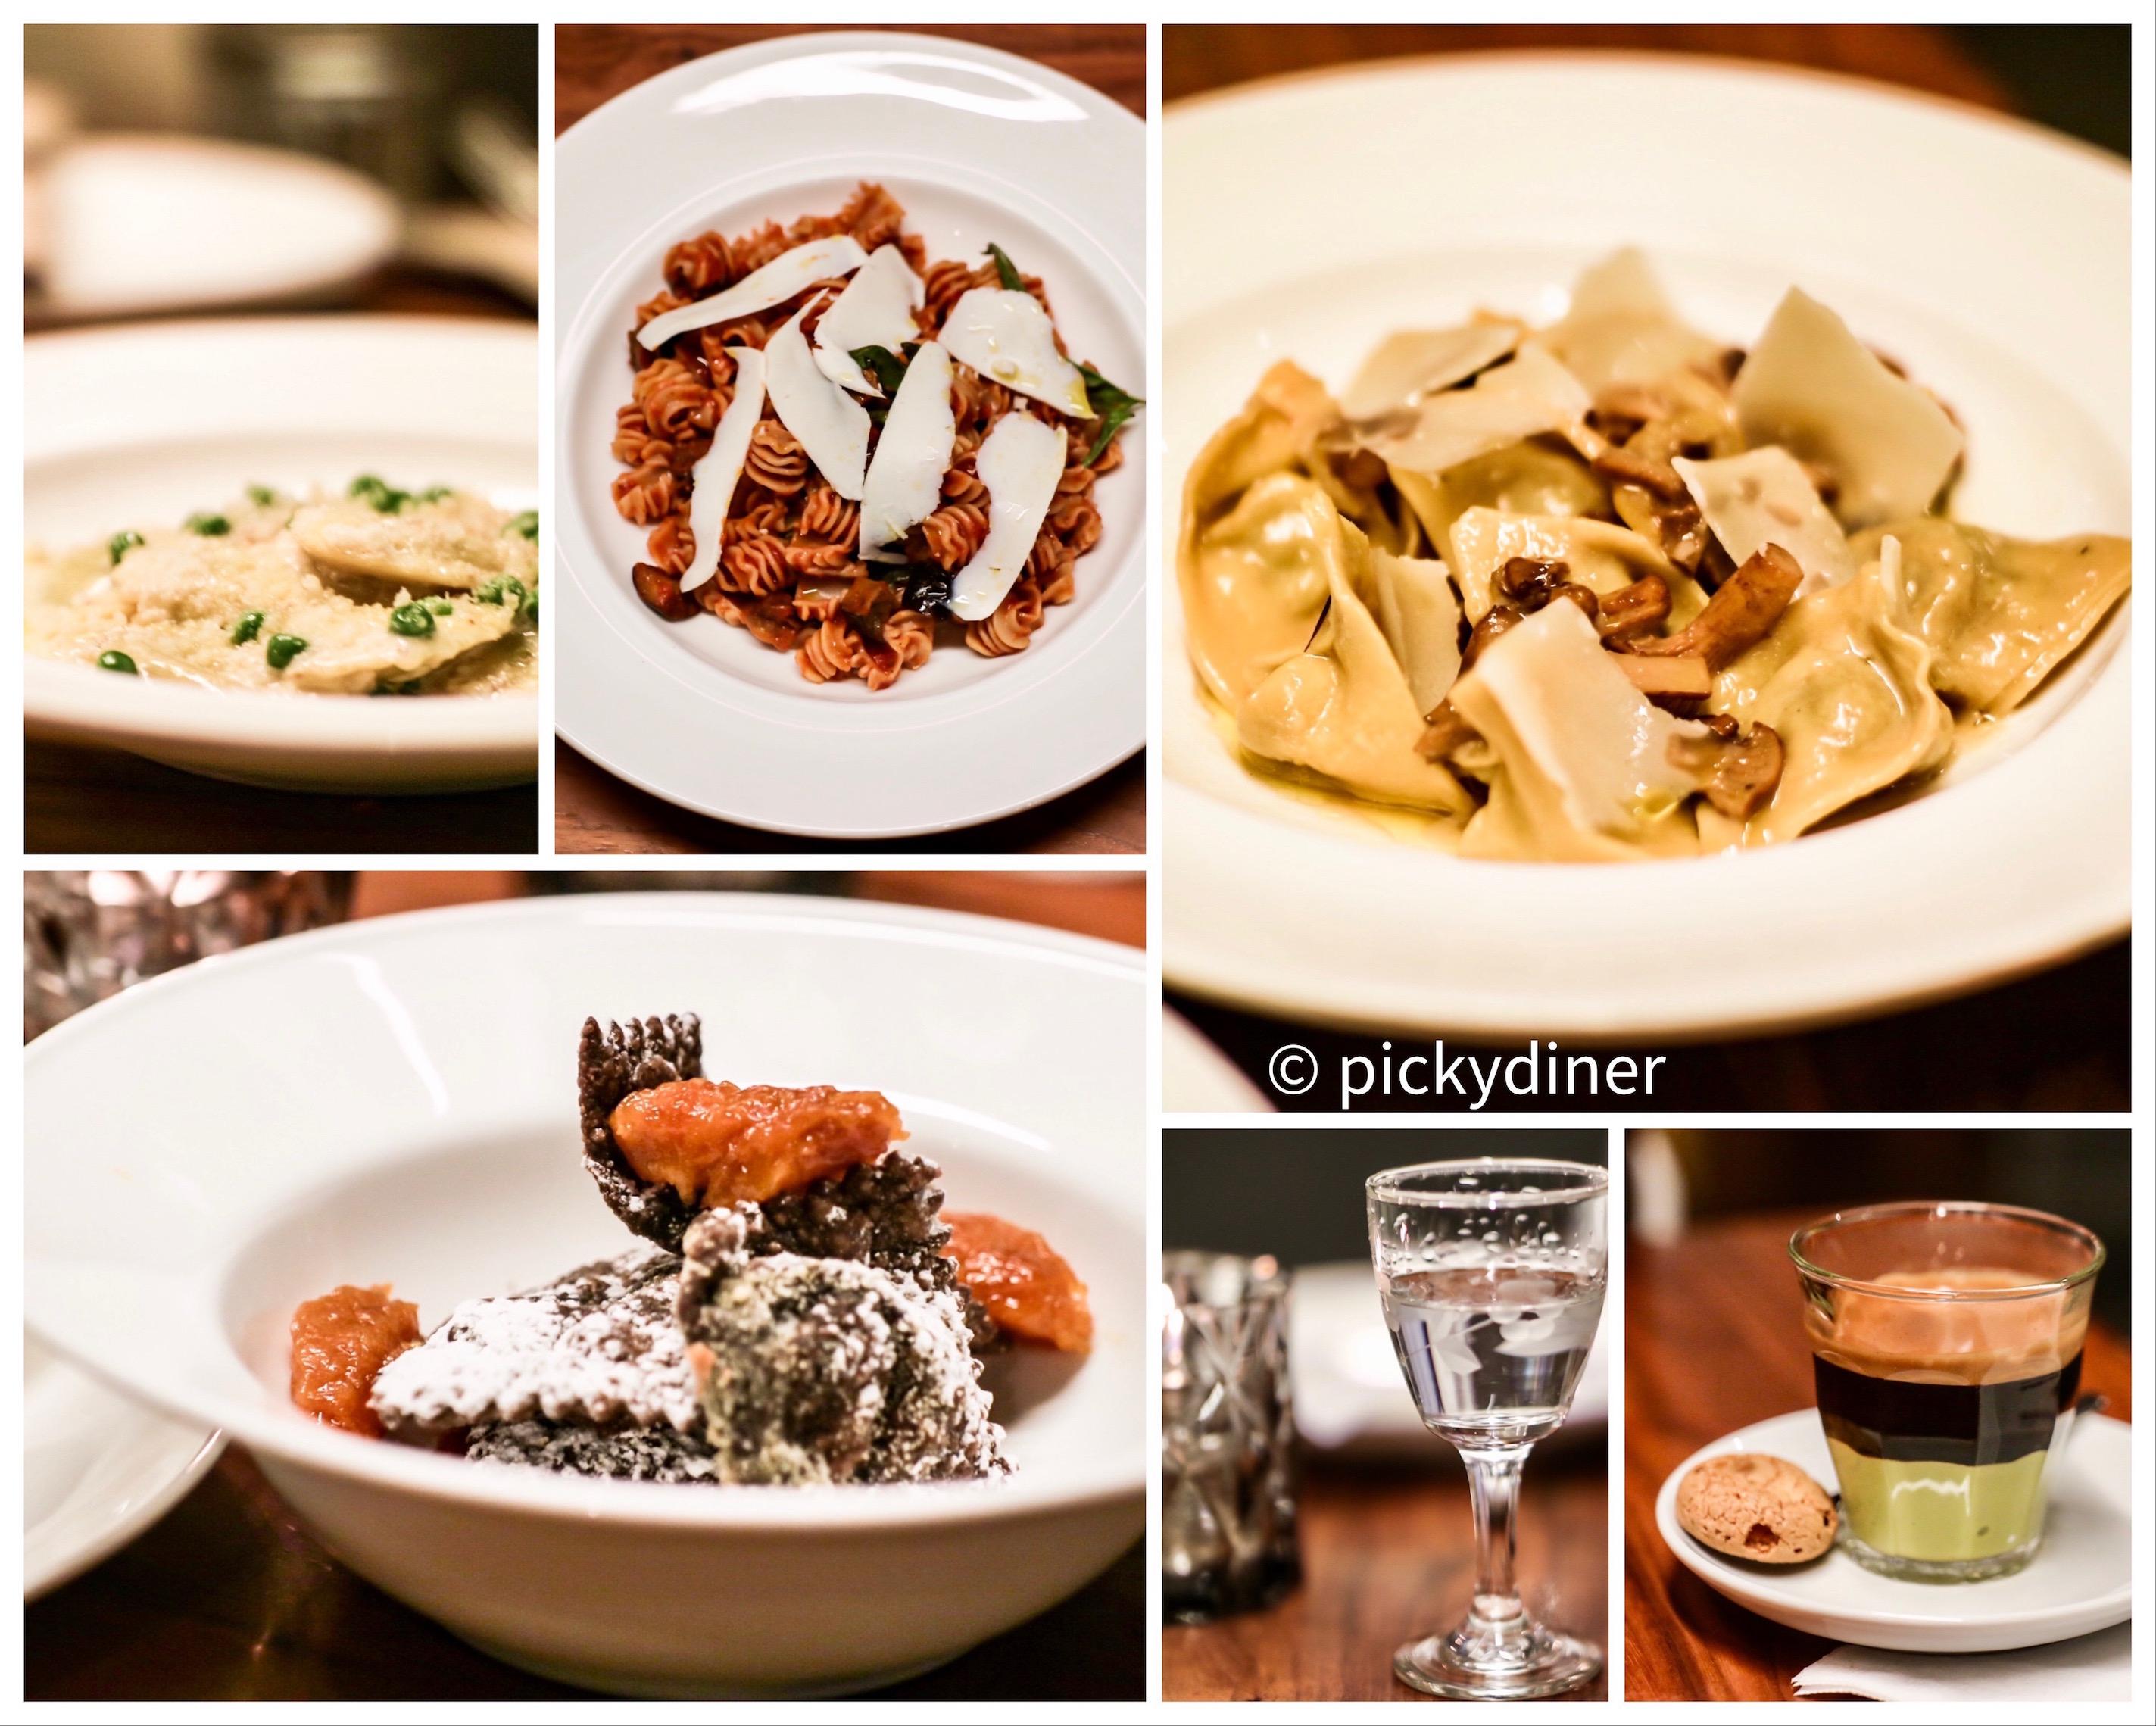 from top left, clockwise: ravioli ricotta & pea, radiatore alla norma, tortellini chanterelle, espresso & pistachio crema, grappa, ravioli al cioccolato